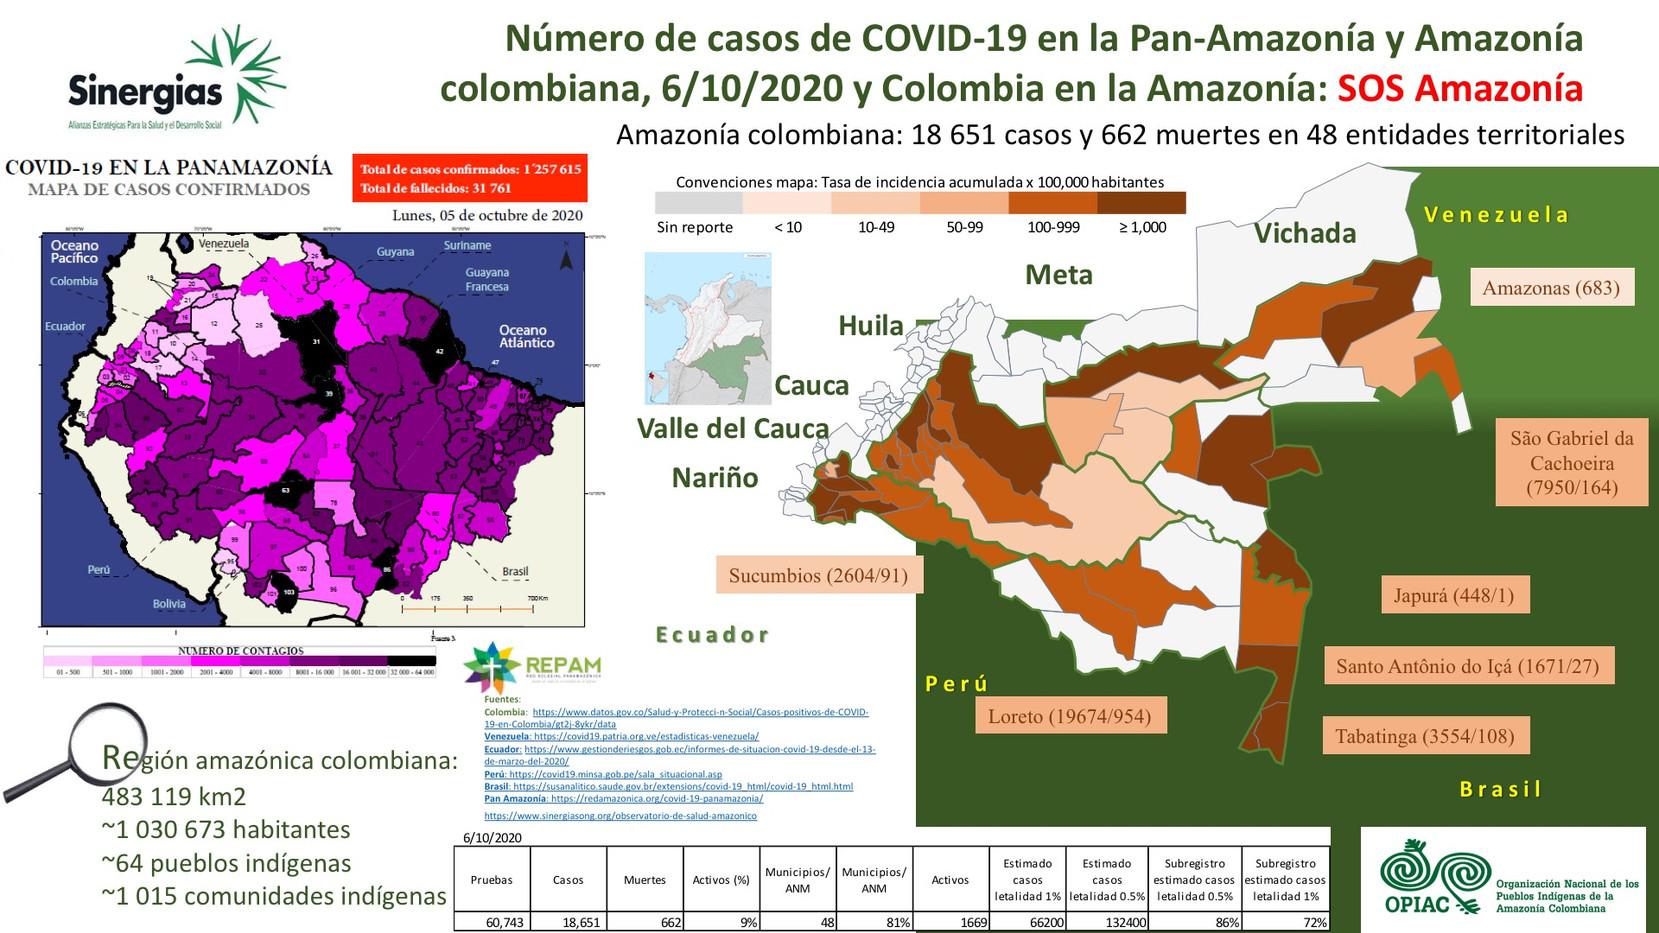 Número de casos de COVID-19 en la Pan-Amazonía y Amazonía colombiana a 6/10/2020